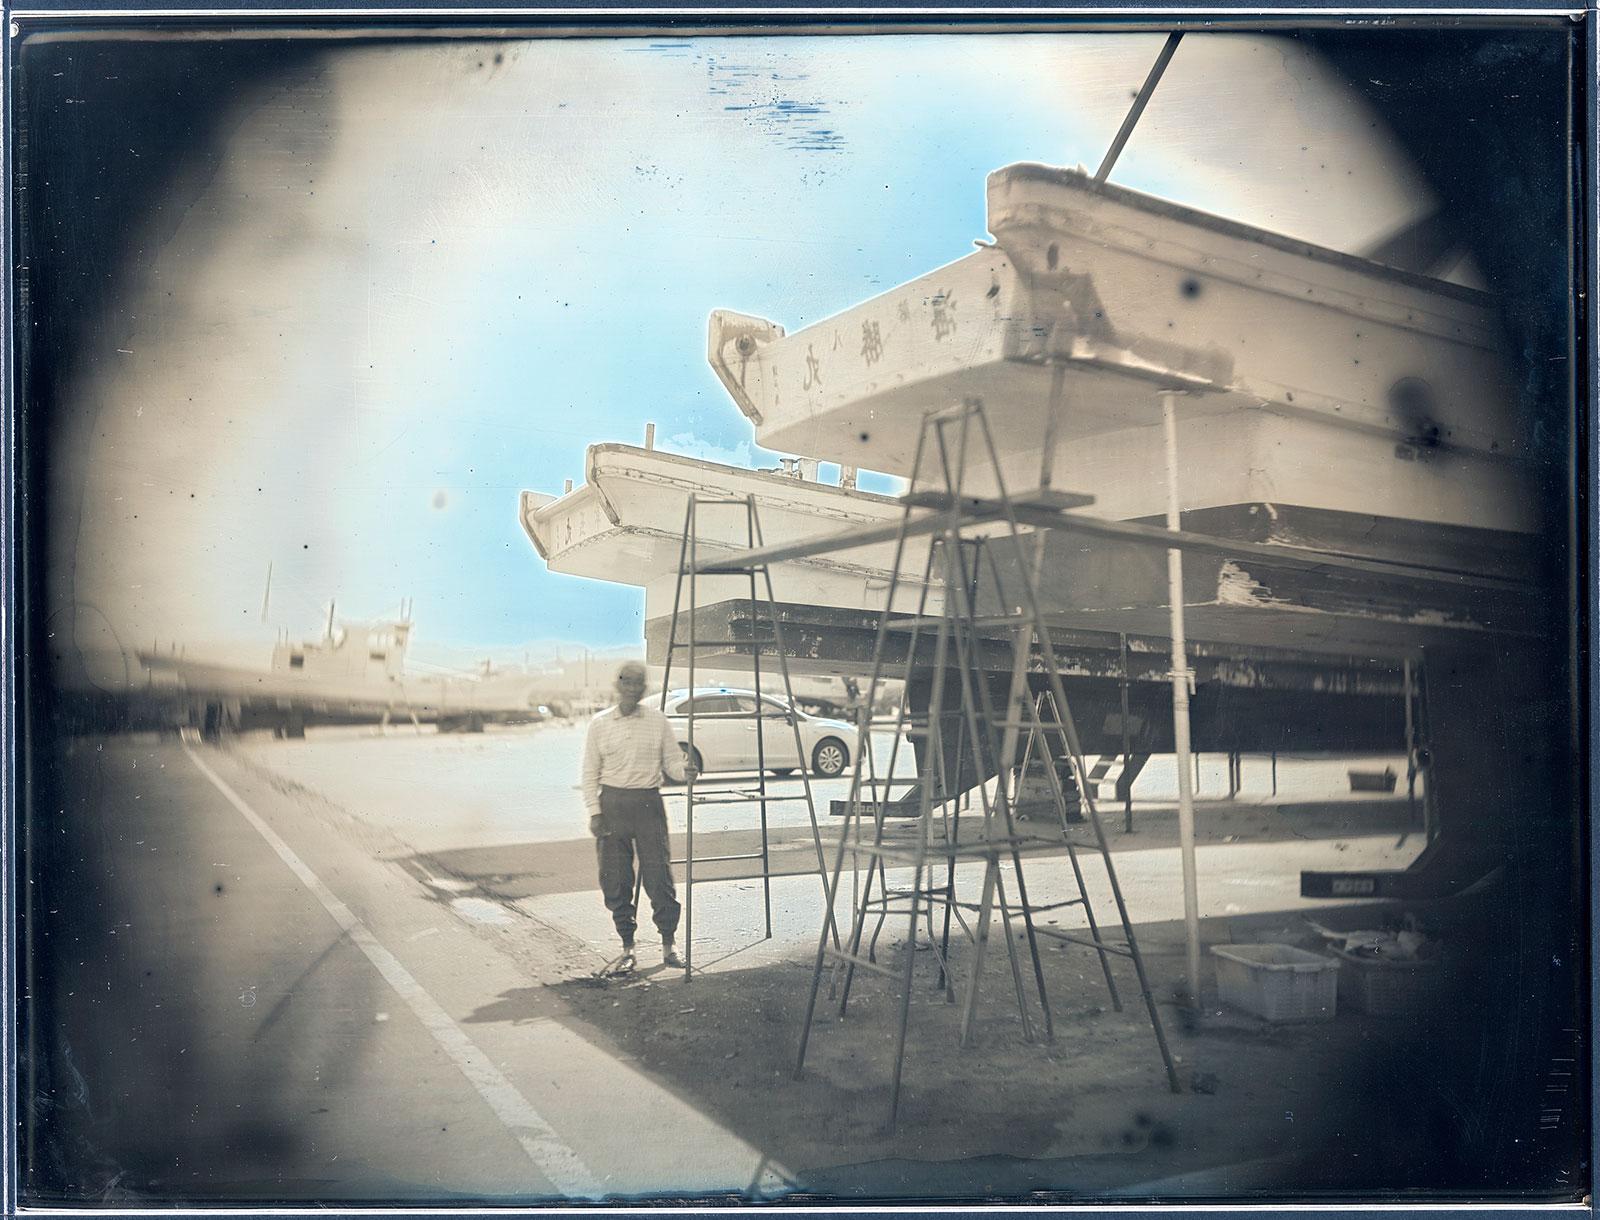 2012年6月27日、漁船の修理、渡部克彦、南相馬市鹿島区海老 June 27, 2012. Katsuhiko Watabe, Repairing Fishing Boats, Kashima, Minamisoma